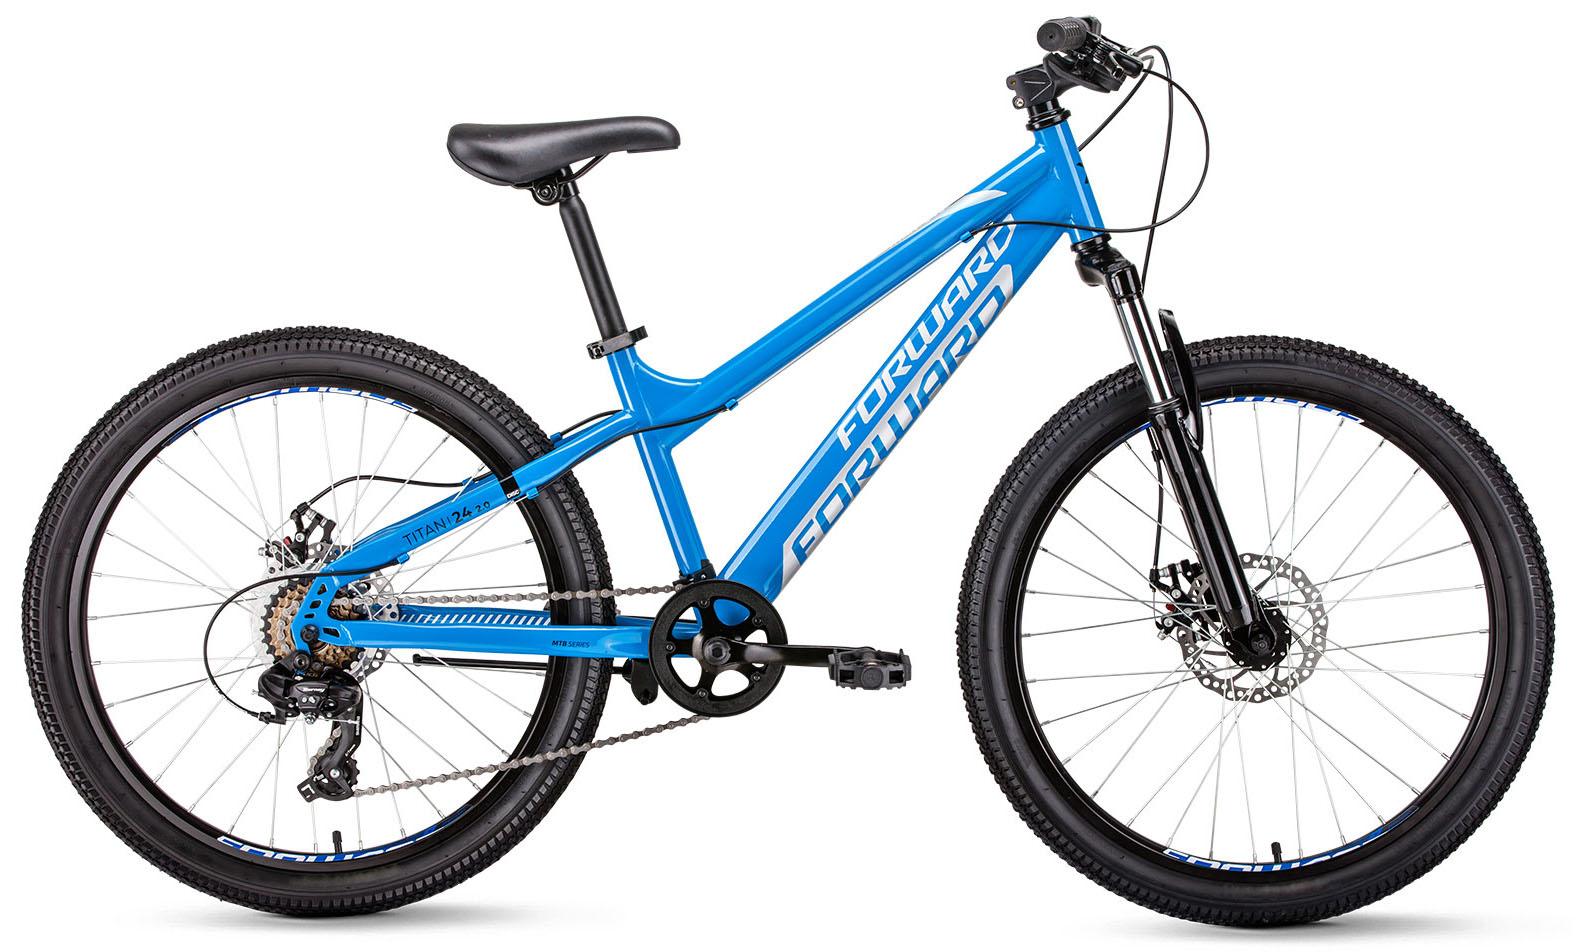 Велосипед Forward Titan 24 2.0 disc 2019 велосипед forward seido 24 2 0 disc 2017 колеса 24 рама 15 красный матовый rbkw7664p006